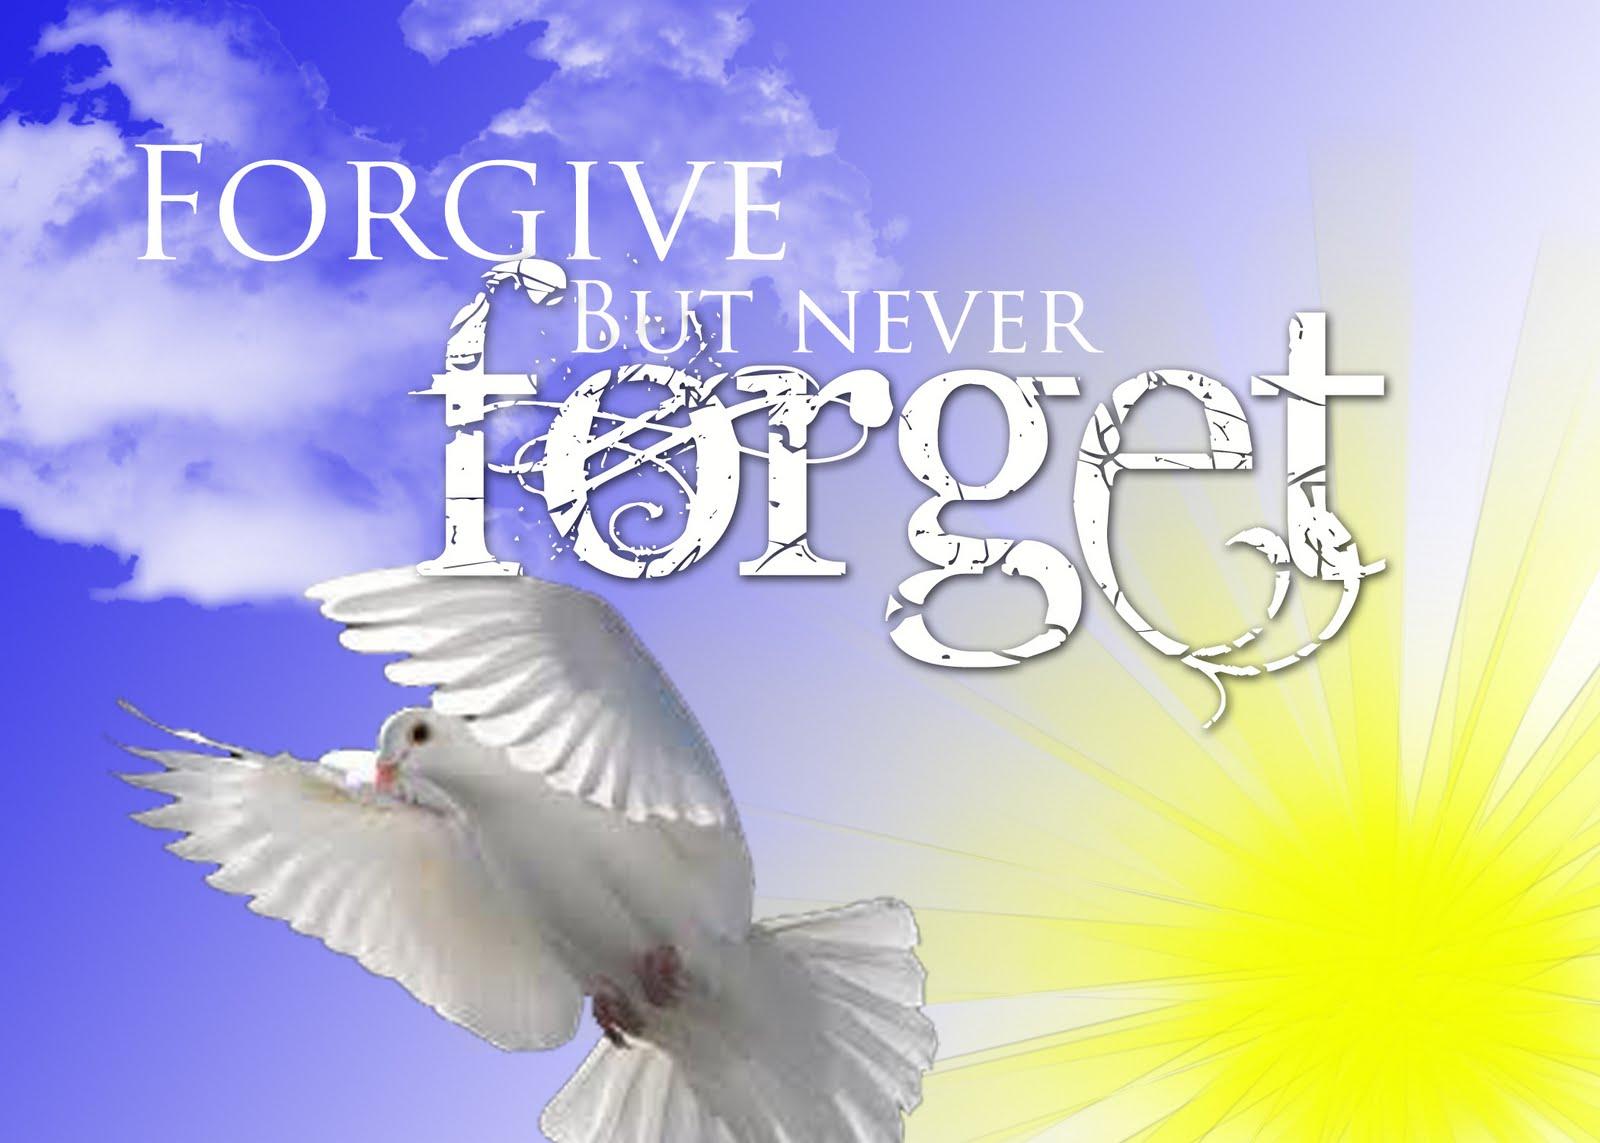 http://3.bp.blogspot.com/-PyqLJfuuDsA/Thm-nj82VrI/AAAAAAAAACw/IGvDO47sOXc/s1600/Forgive.jpg